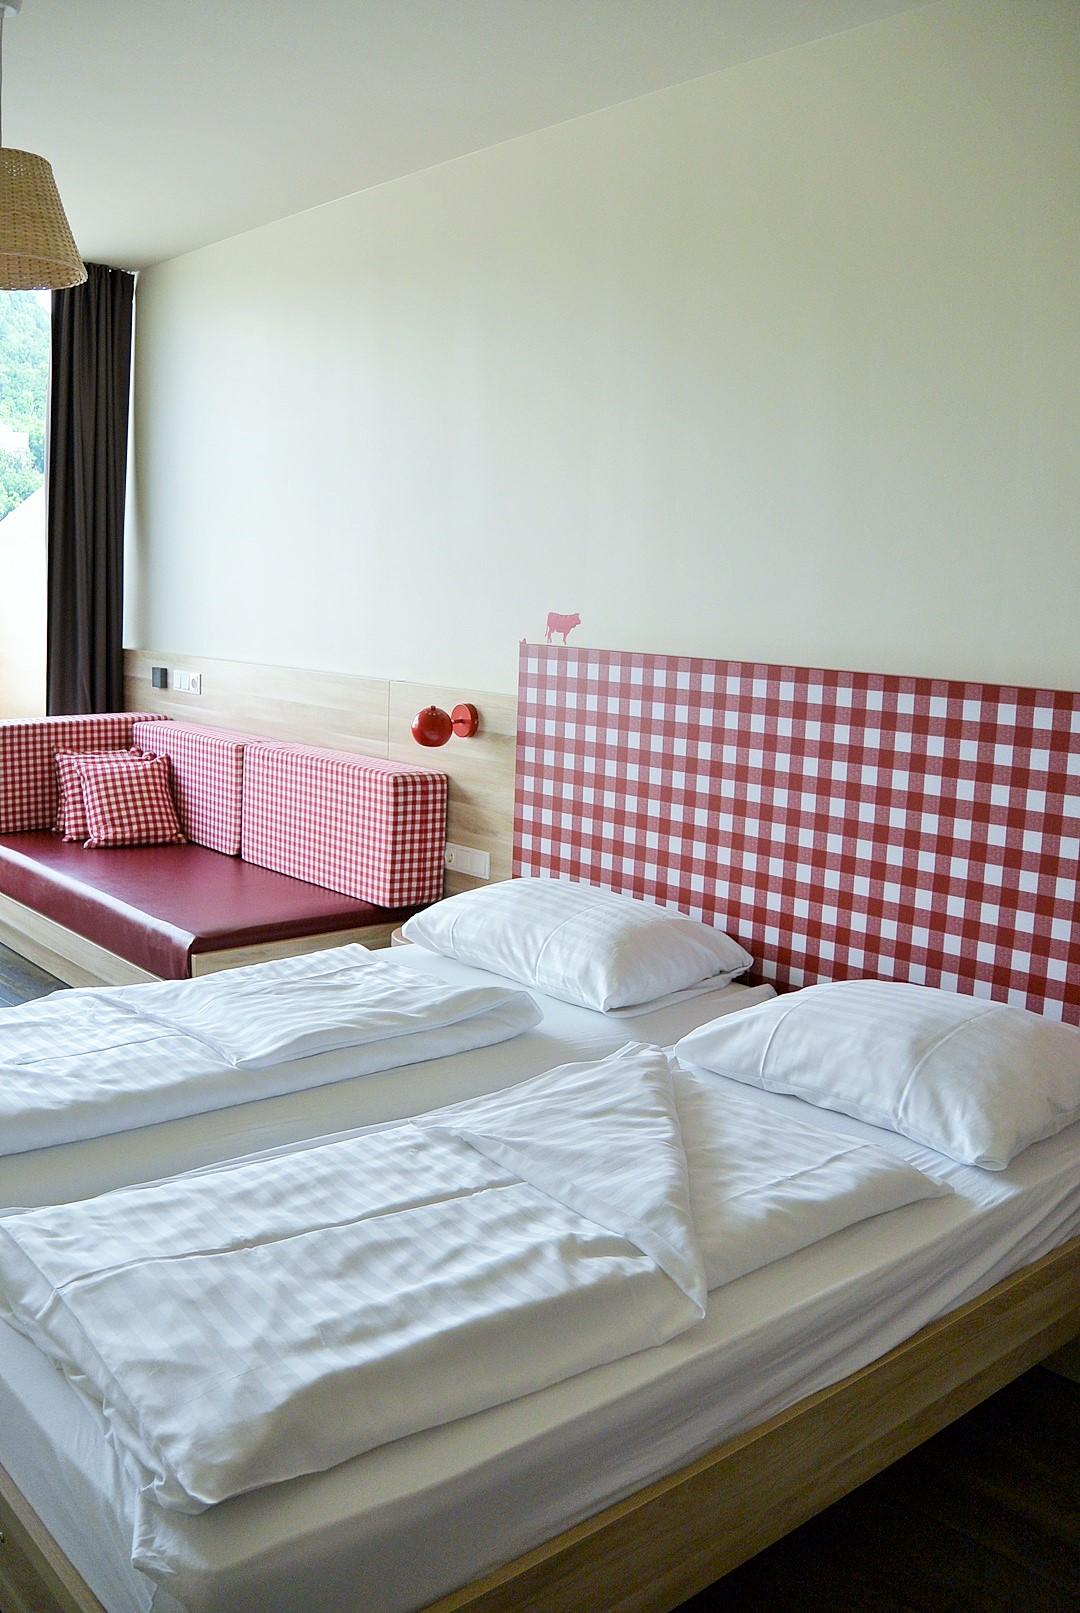 Meininger Hotel_Meininger Salzburg_Salzburg_Hotel in Salzburg_Hotel Salzburg_Meininger Salzburg_Meininger Hotel Salzburg_Hotel mit Blick auf Berge_Meininger_Urlaub in Salzburg (11)